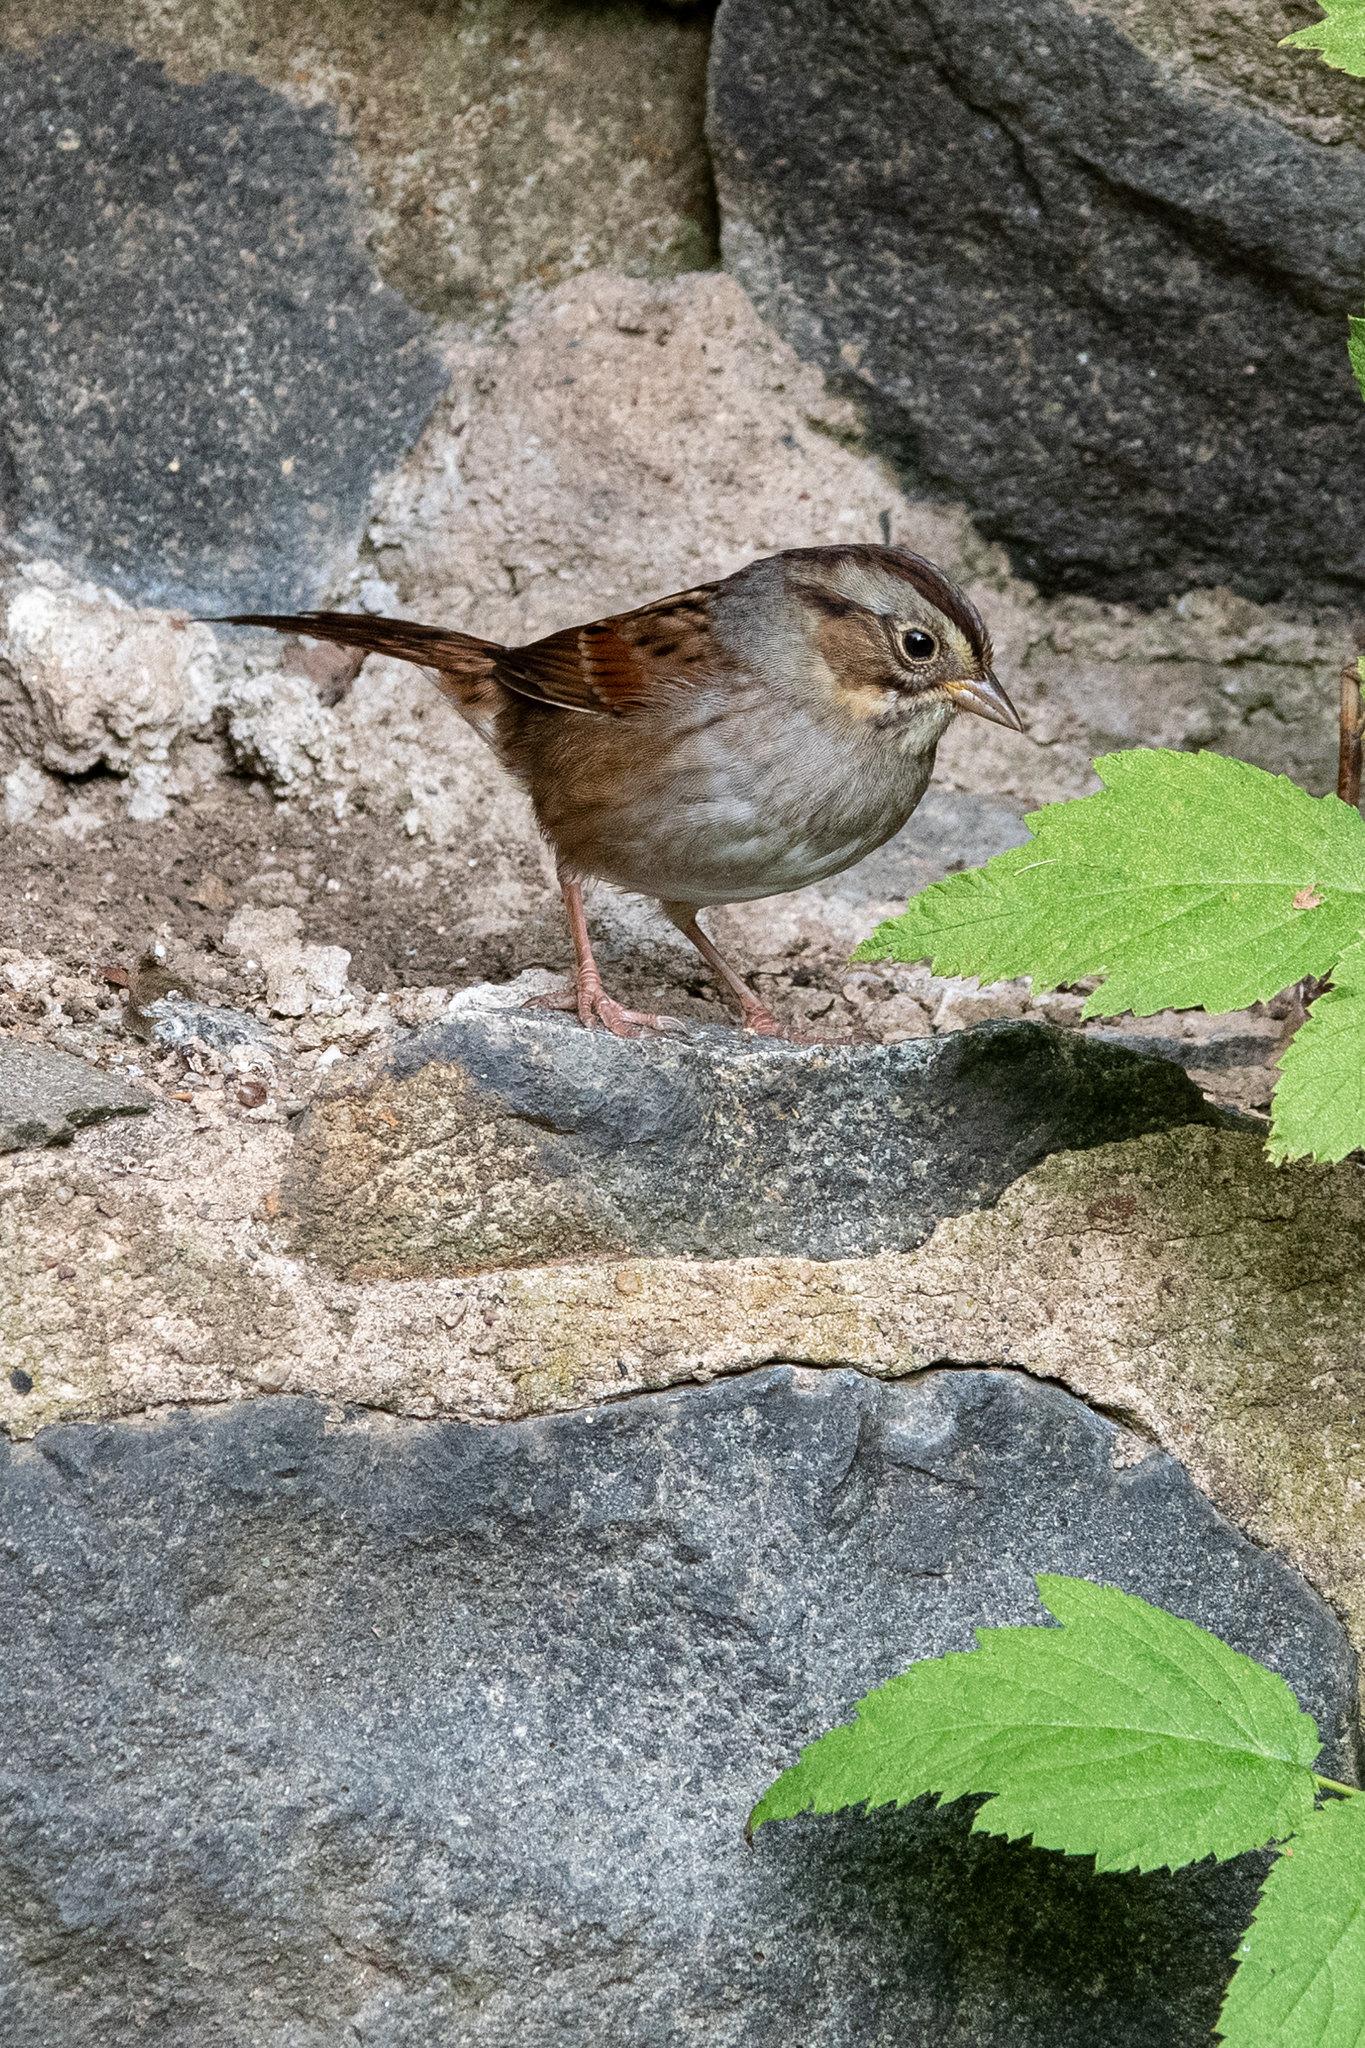 swamp-sparrow-3890